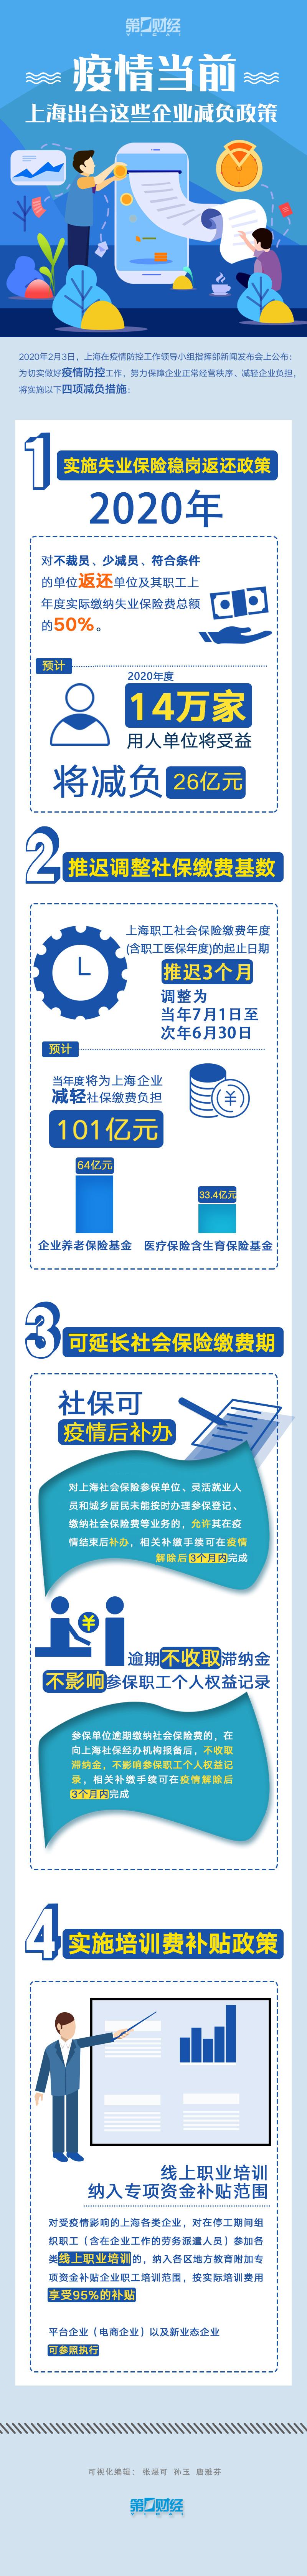 疫情当前,一图看懂上海出台哪些政策为企业减负